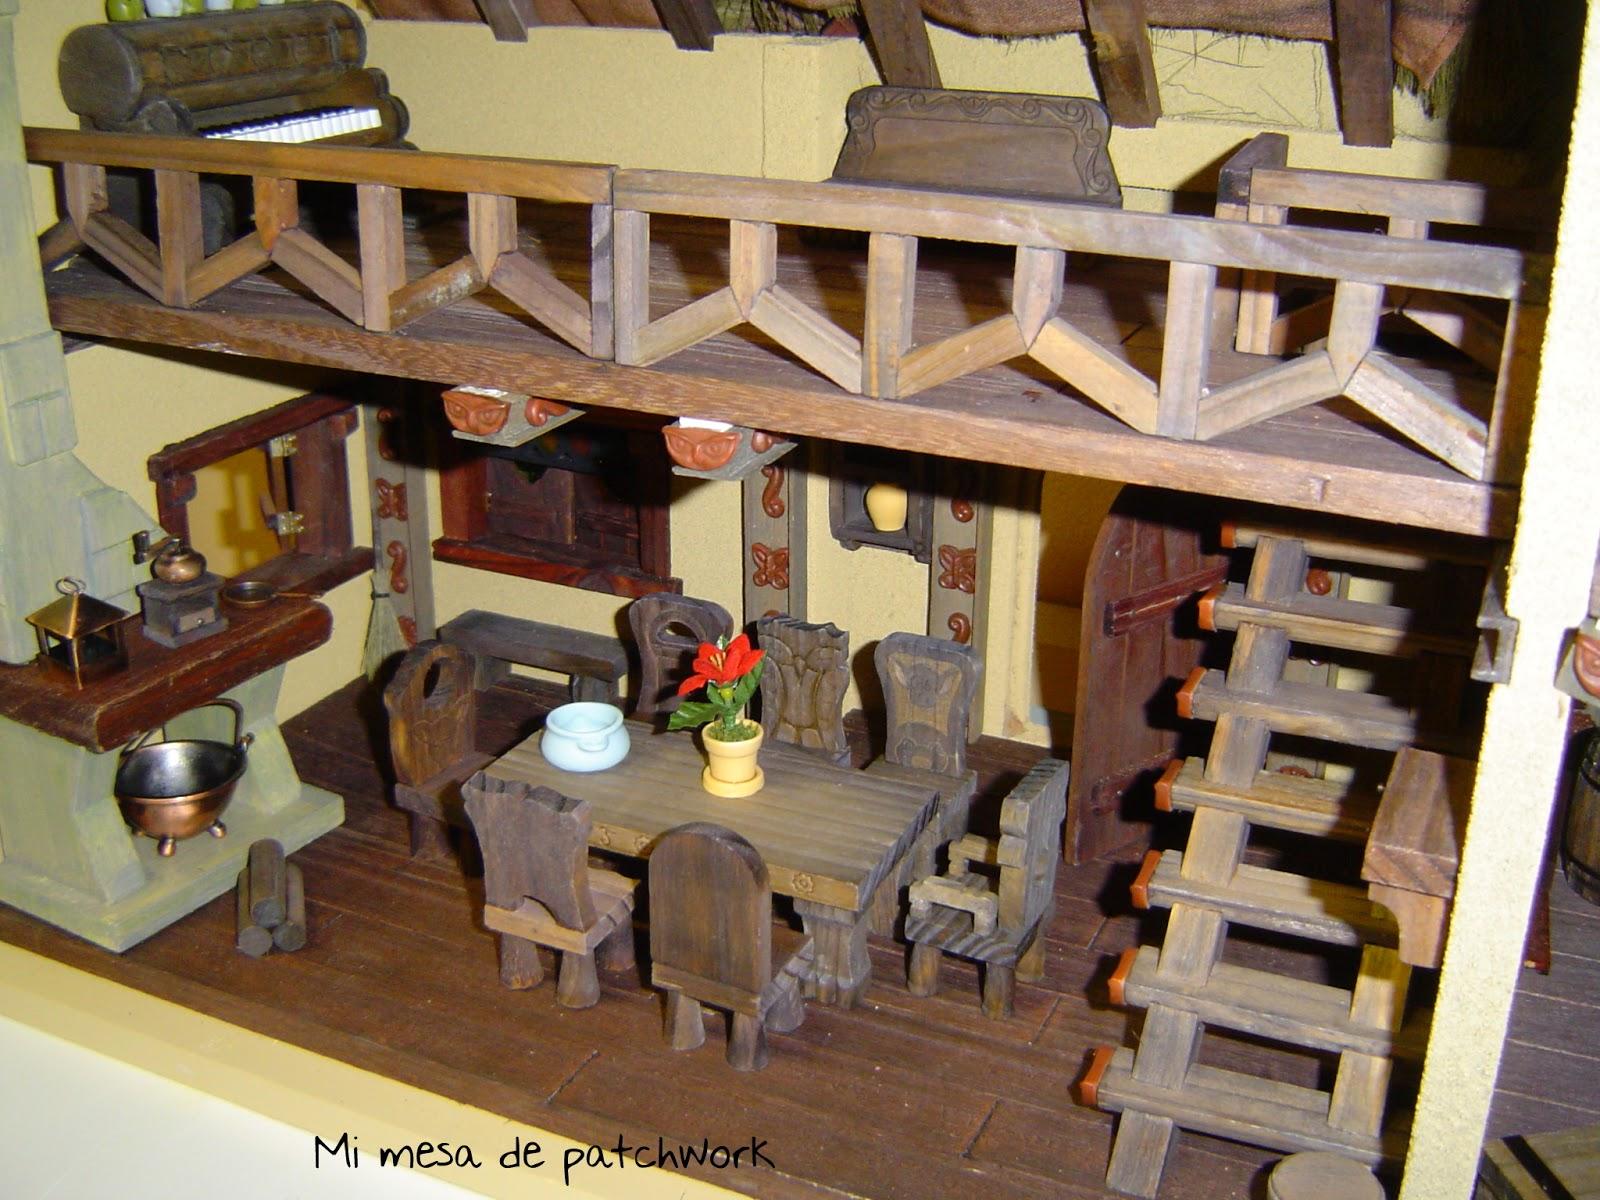 Mi mesa de patchwork blancanieves y los siete enanitos for Casa enanitos